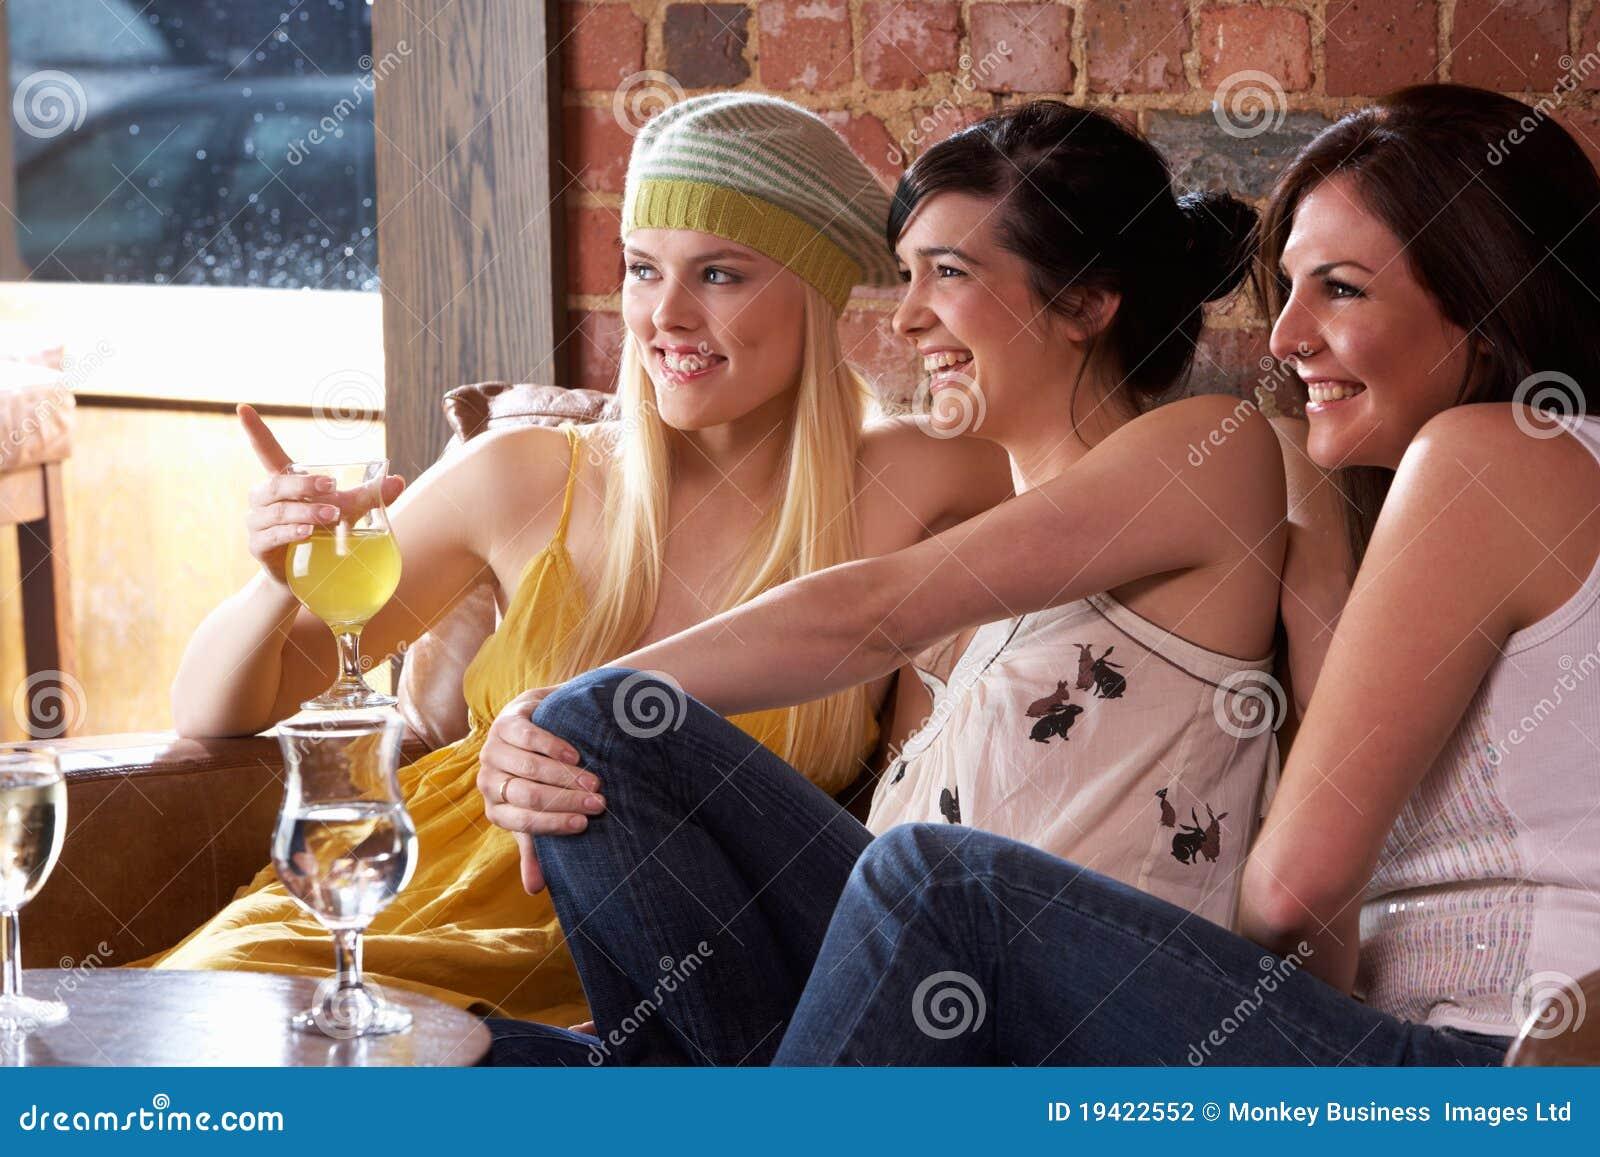 Sitta tala tillsammans unga kvinnor